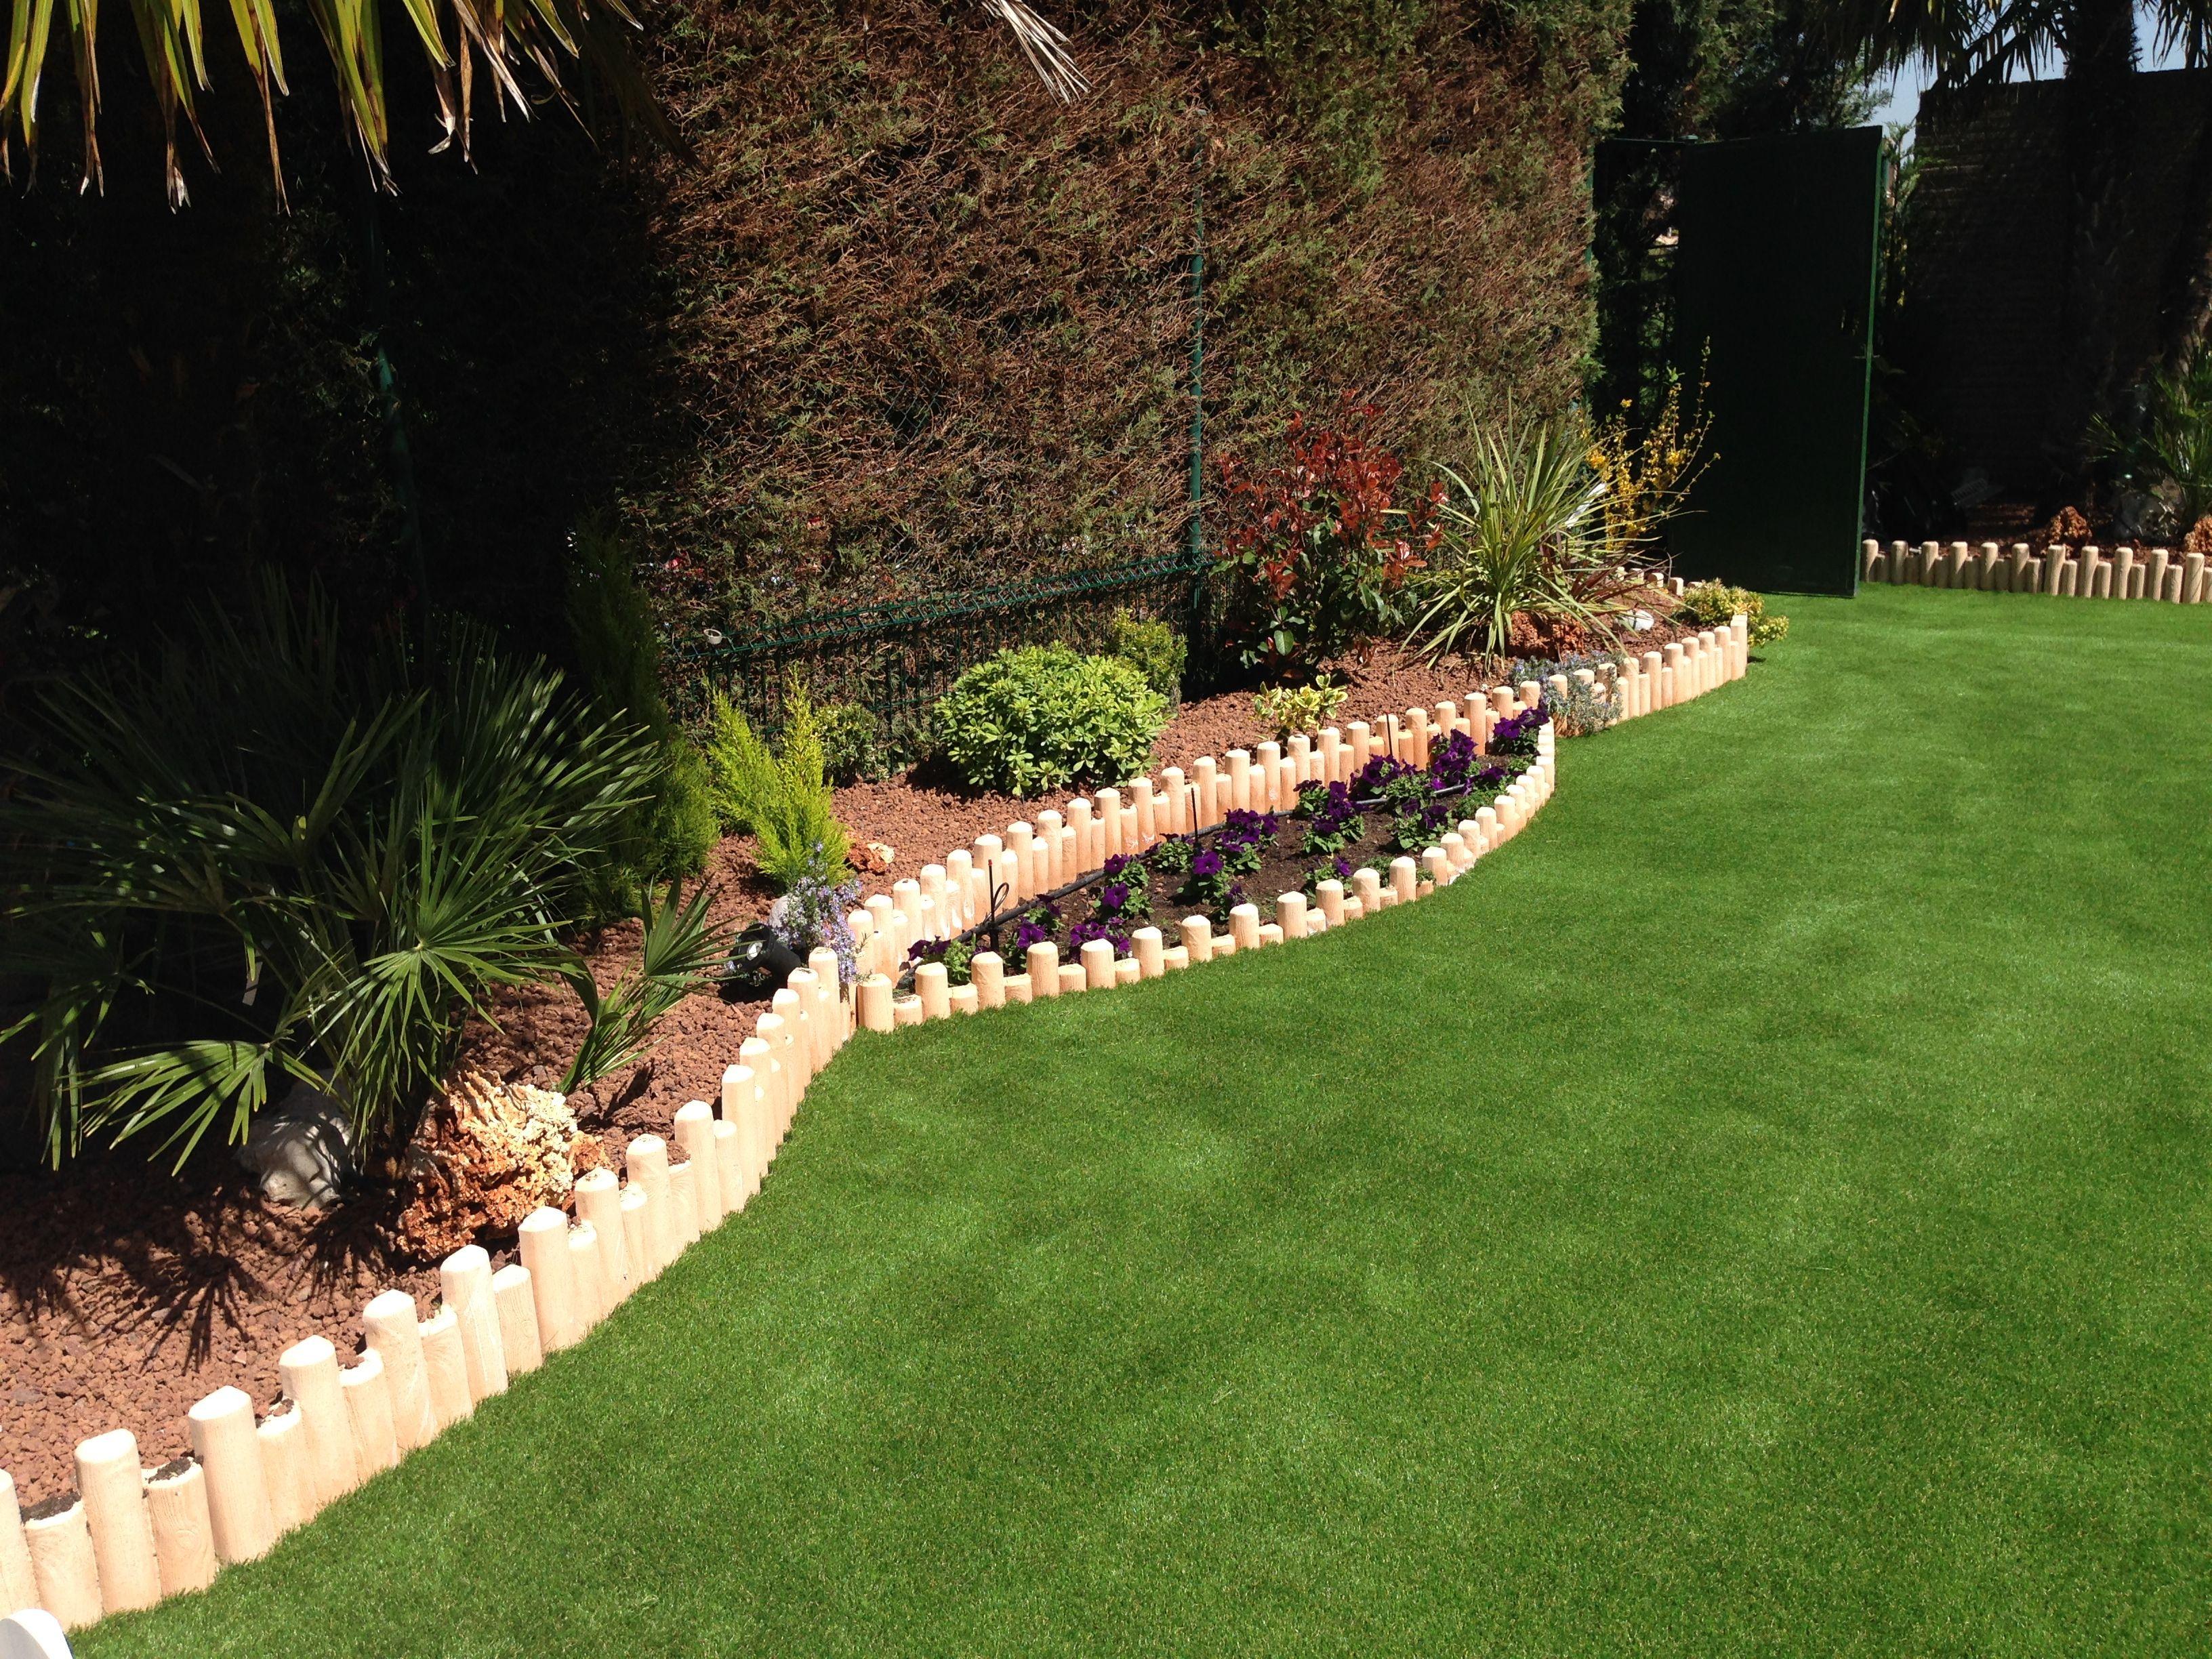 Proyecto de jardiner a con jardineras de obra pinstadas en Cesped con piedras